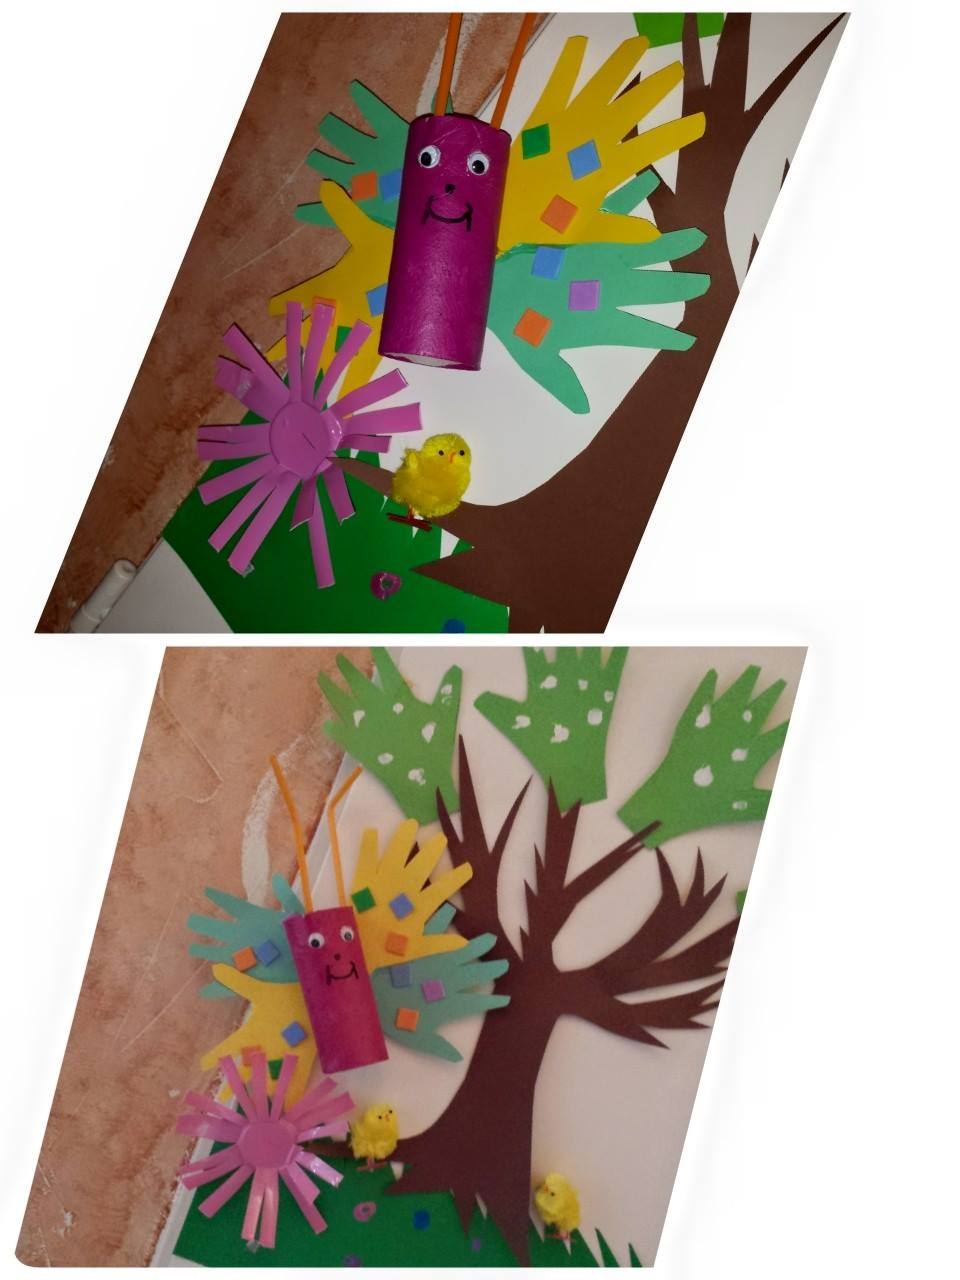 fresque murale: les papillons, blog Collin Sylvie Villeparisis